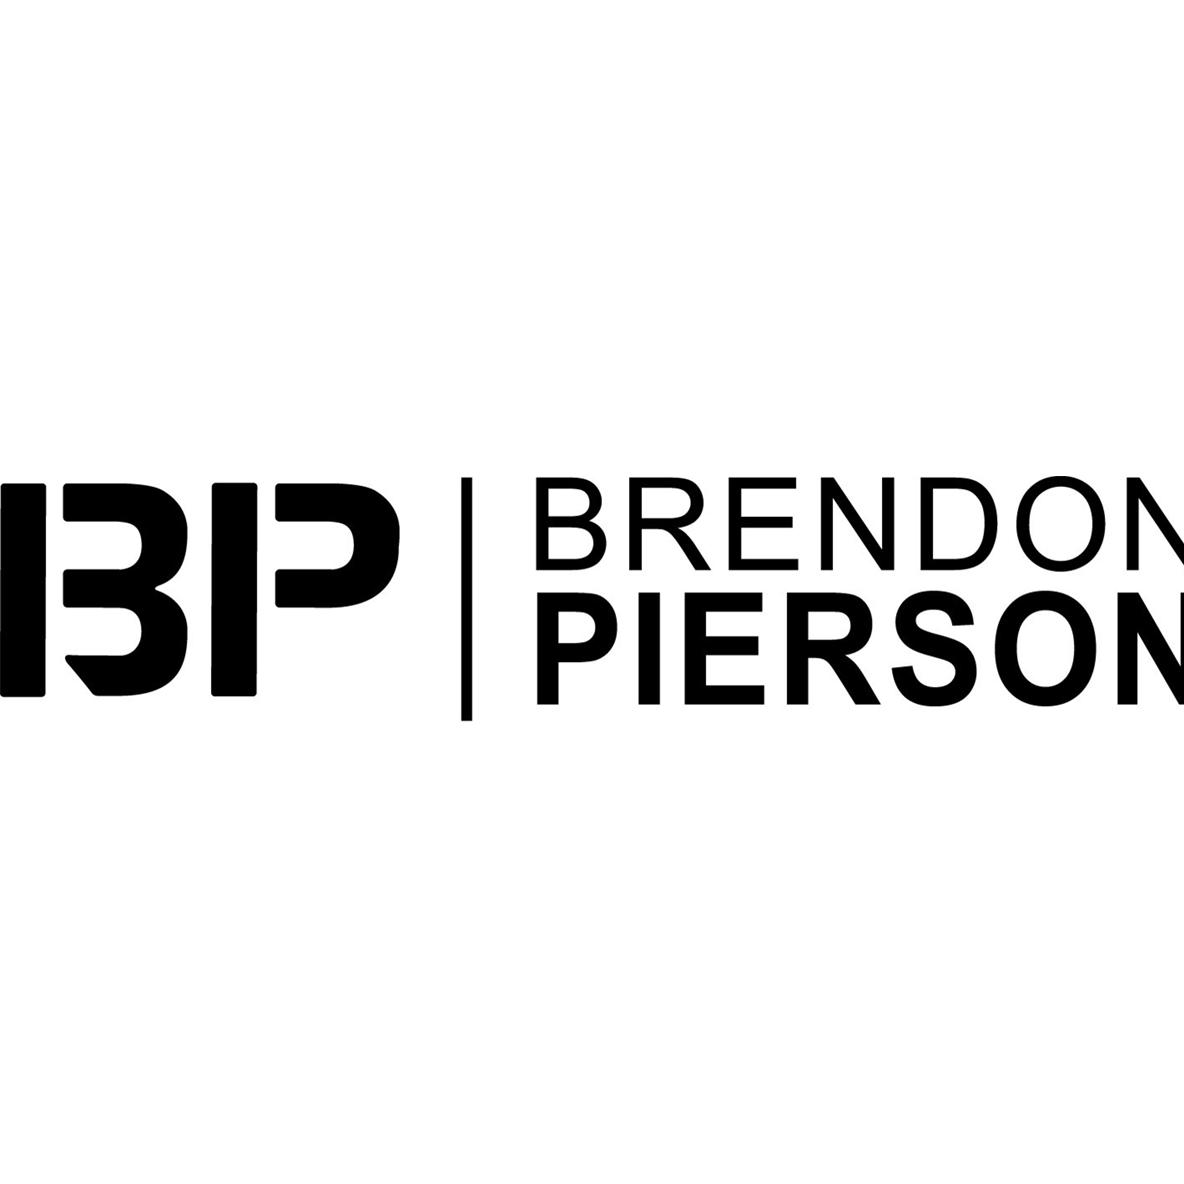 Brendon Pierson